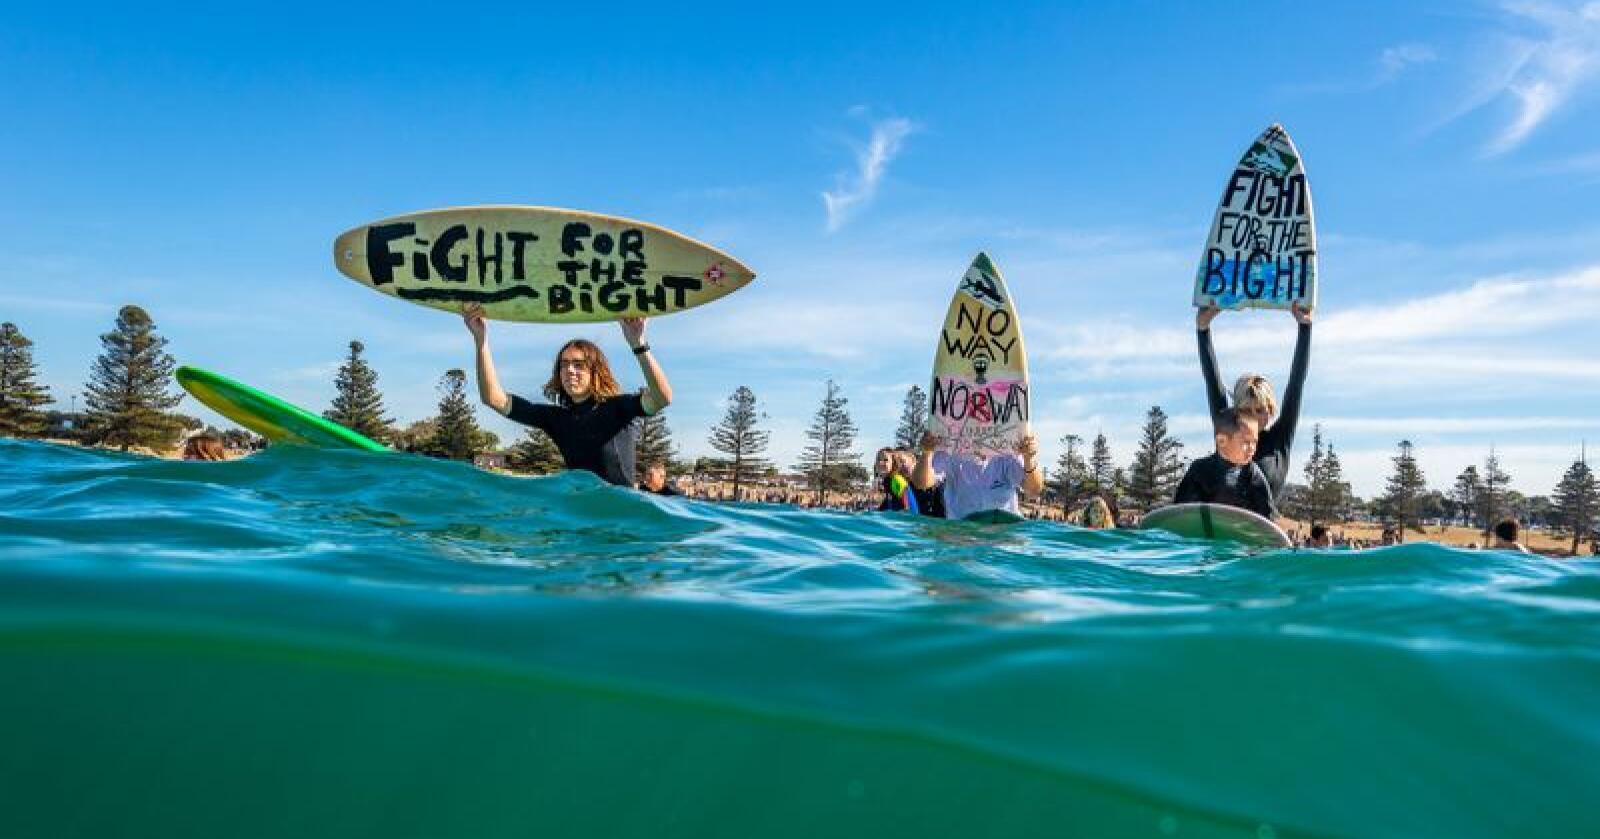 Surfere i byen Torquay i Victoria i Australia demonstrerte 20. april mot Equinors planer om oljeleting i Australbukta. Søndag blir det demonstrasjon i Oslo. Foto: Adam Snow / Surfrider Foundation Australia / NTB scanpix